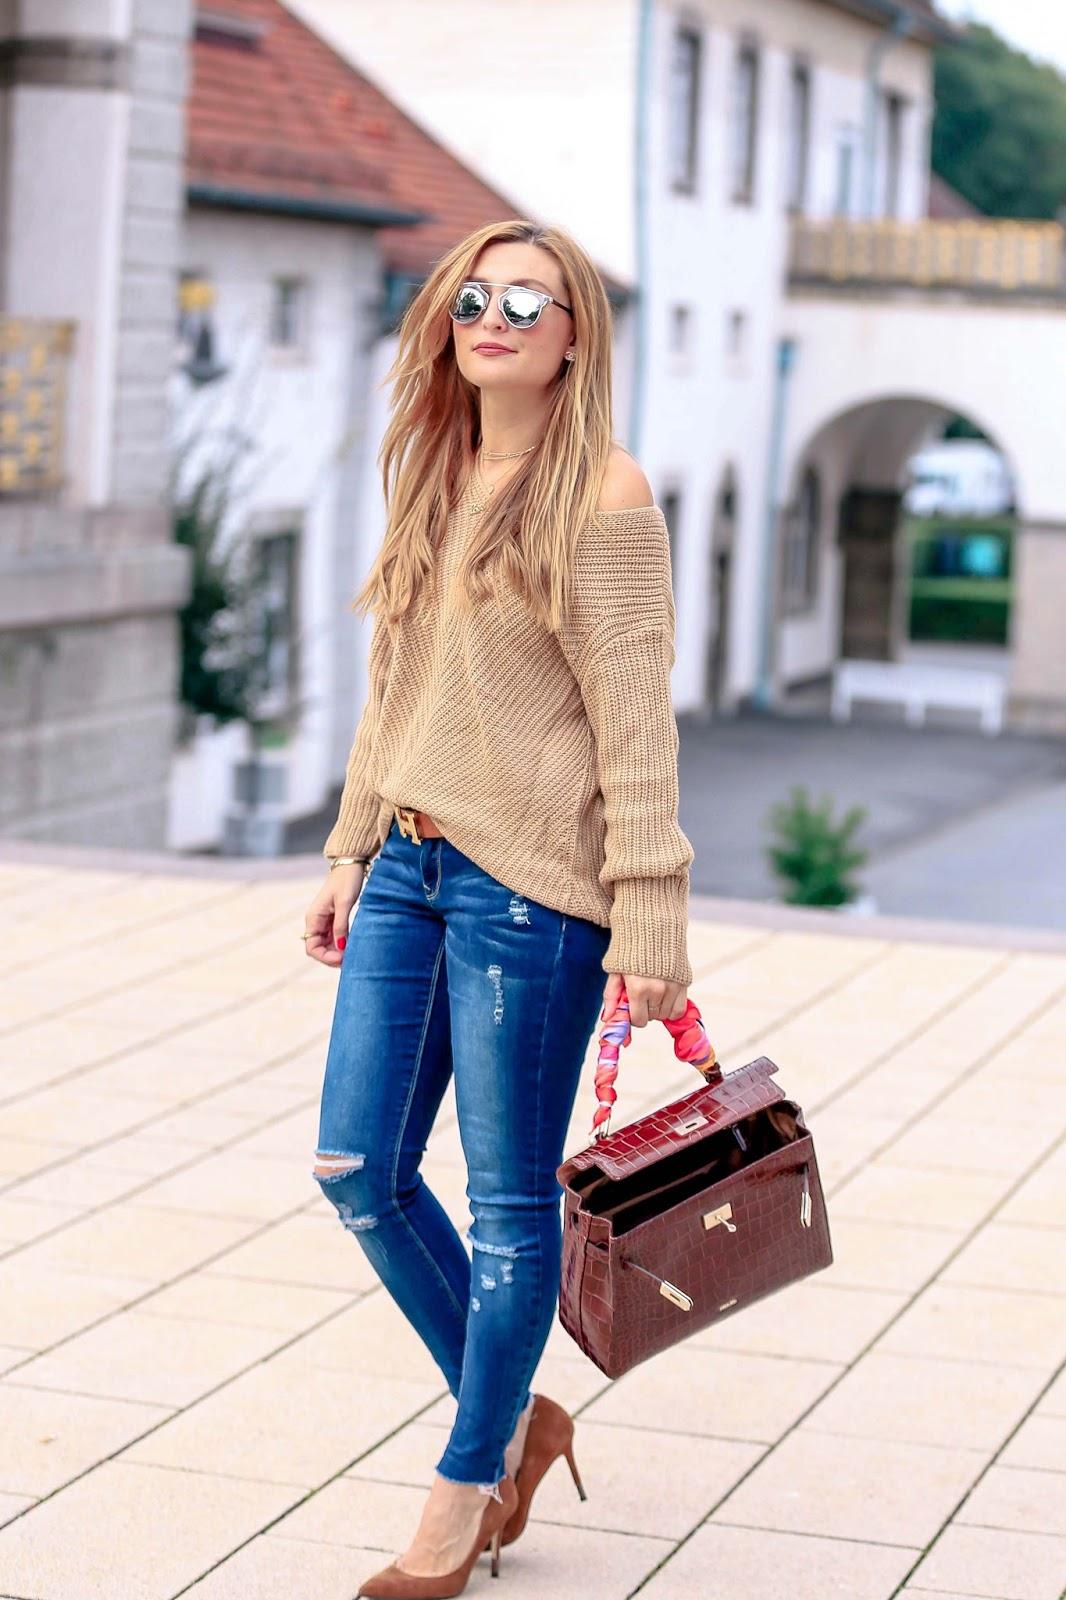 Herbsttrend-was-ist-dieses-jahr-im-trend-outfitinspiration-fashionblogger-fashionstylebyjohanna-herbsttrend-bloggerstyle